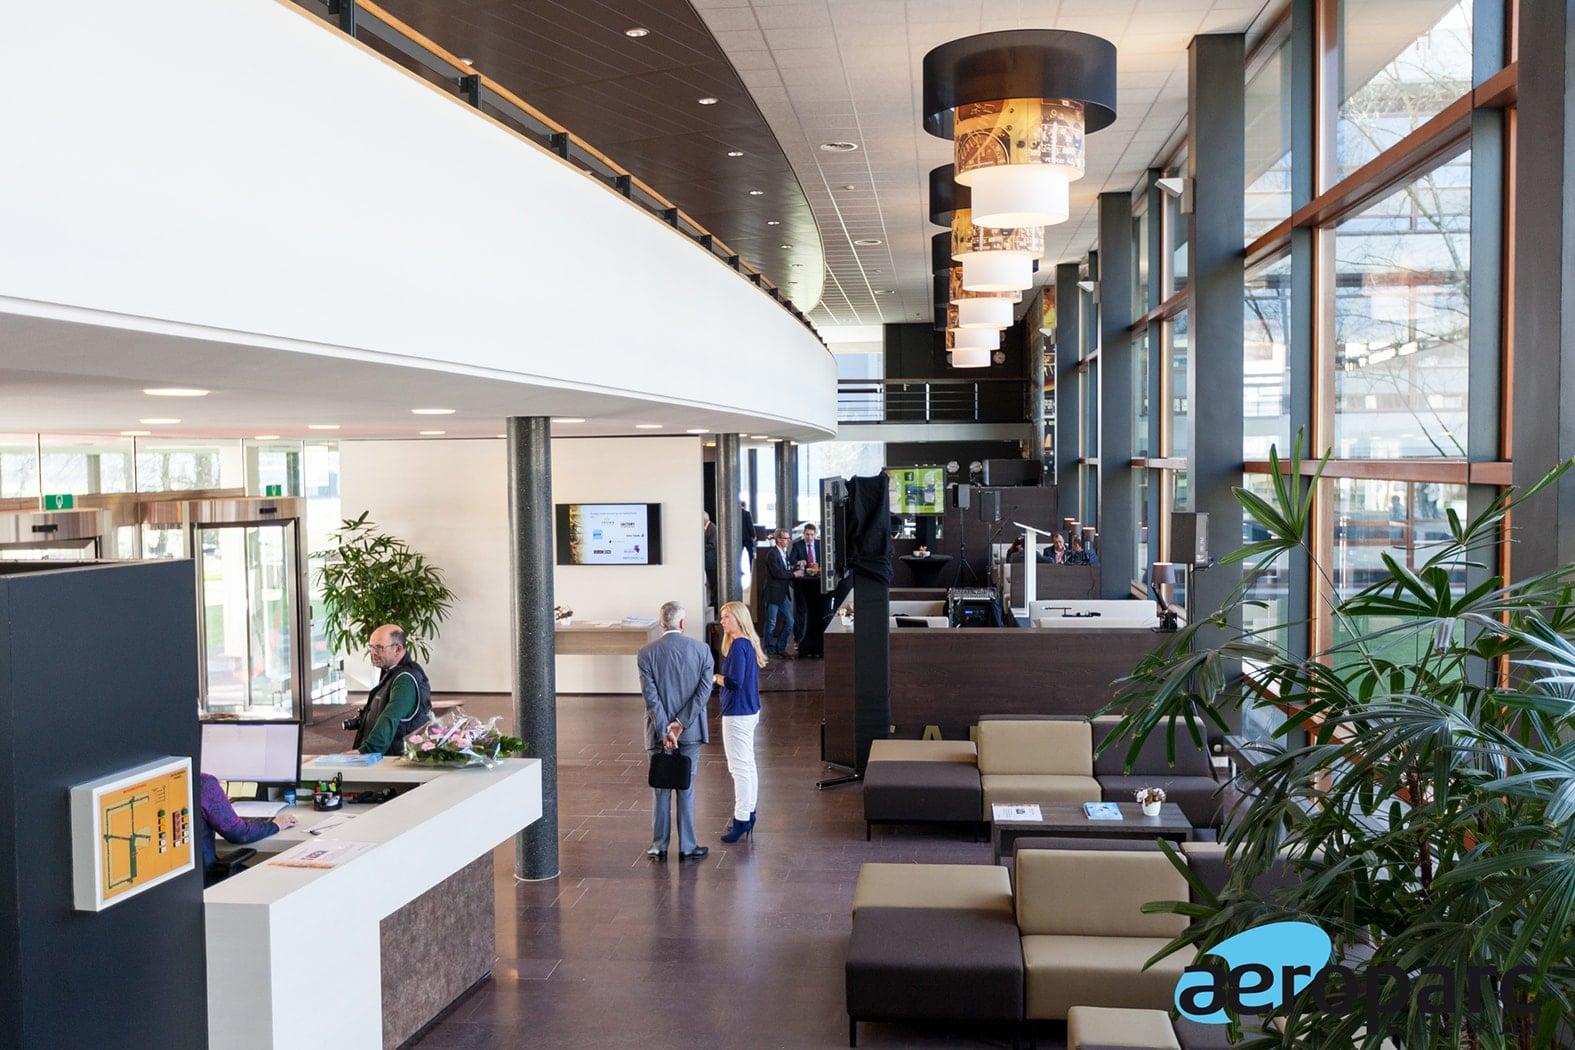 Rondleiding aanvragen | Crown Business Center